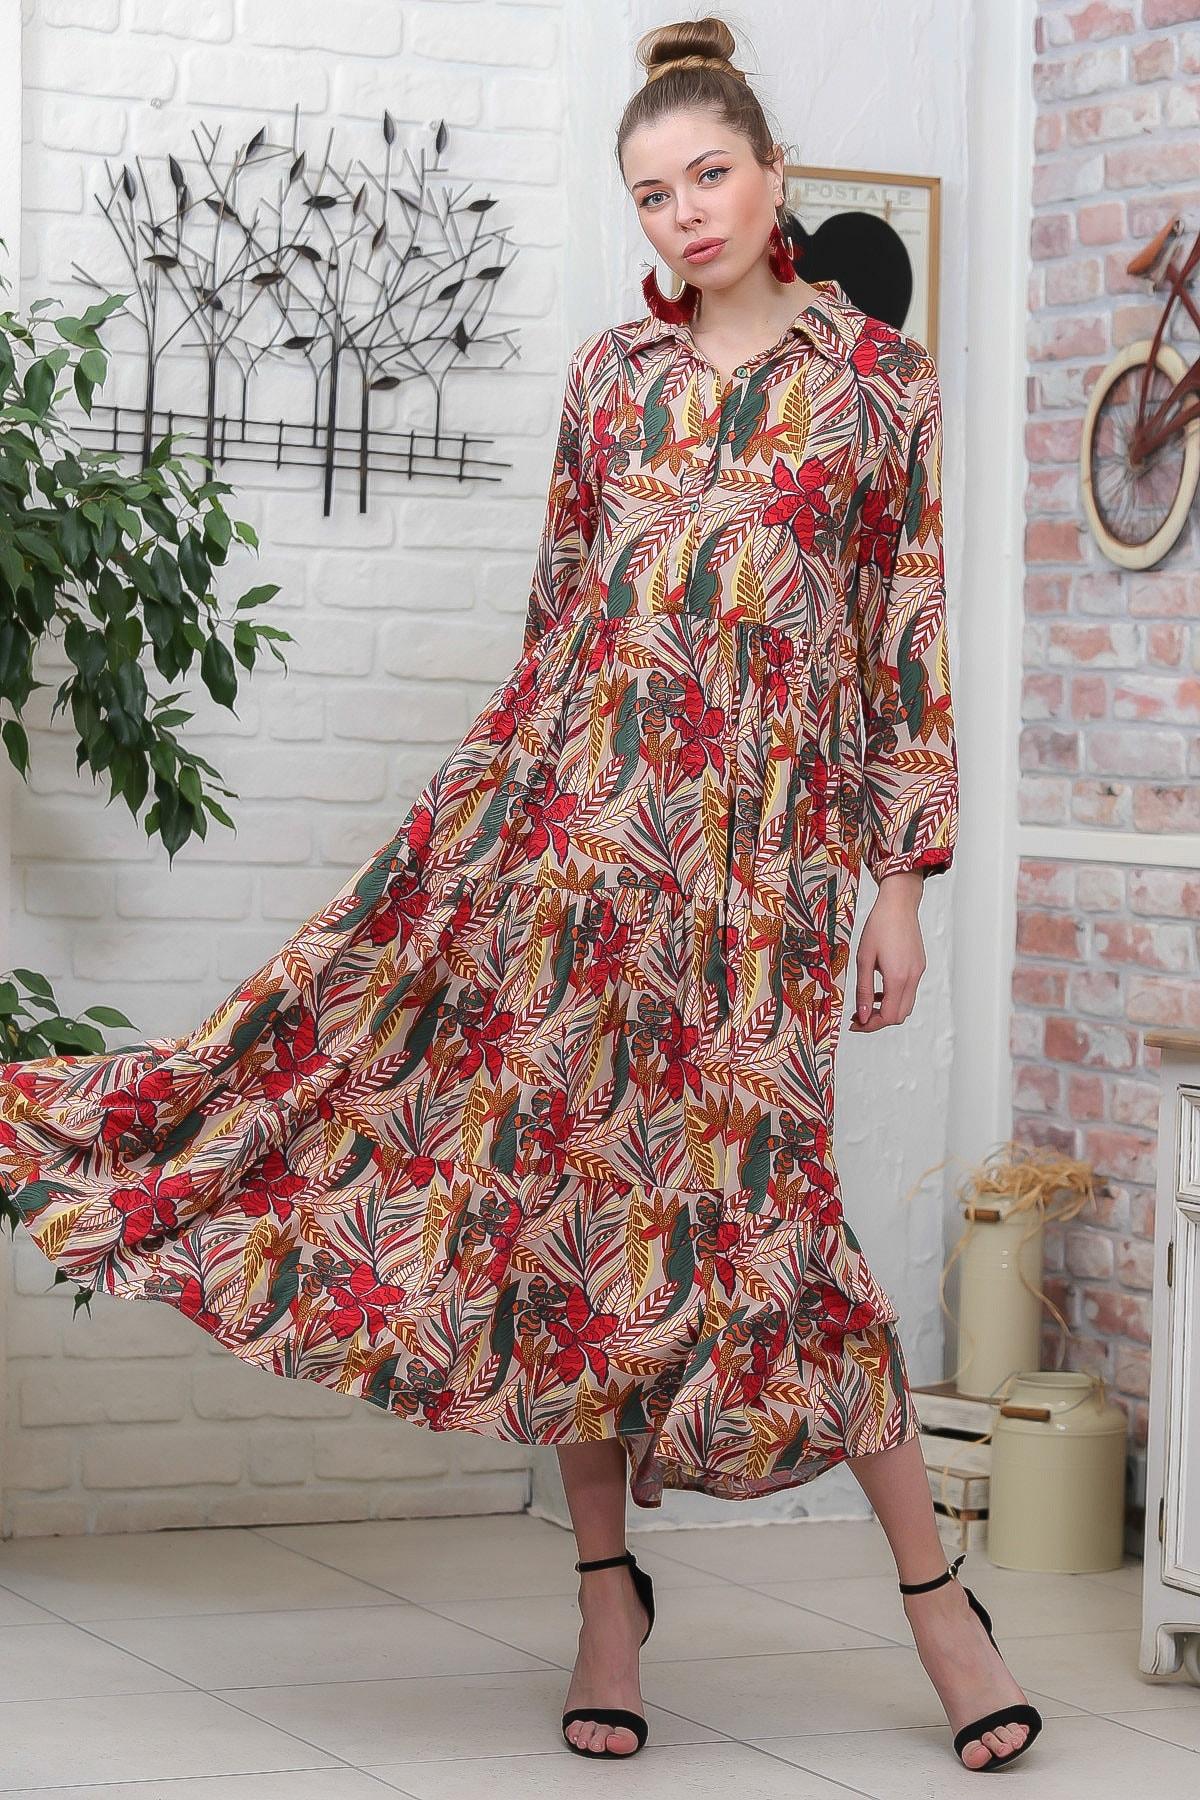 Chiccy Kadın Bej- Kırmızı Yaprak Desen Gömlek Yaka Düğmeli Cepli Kloş Dokuma Elbise M10160000EL95928 3